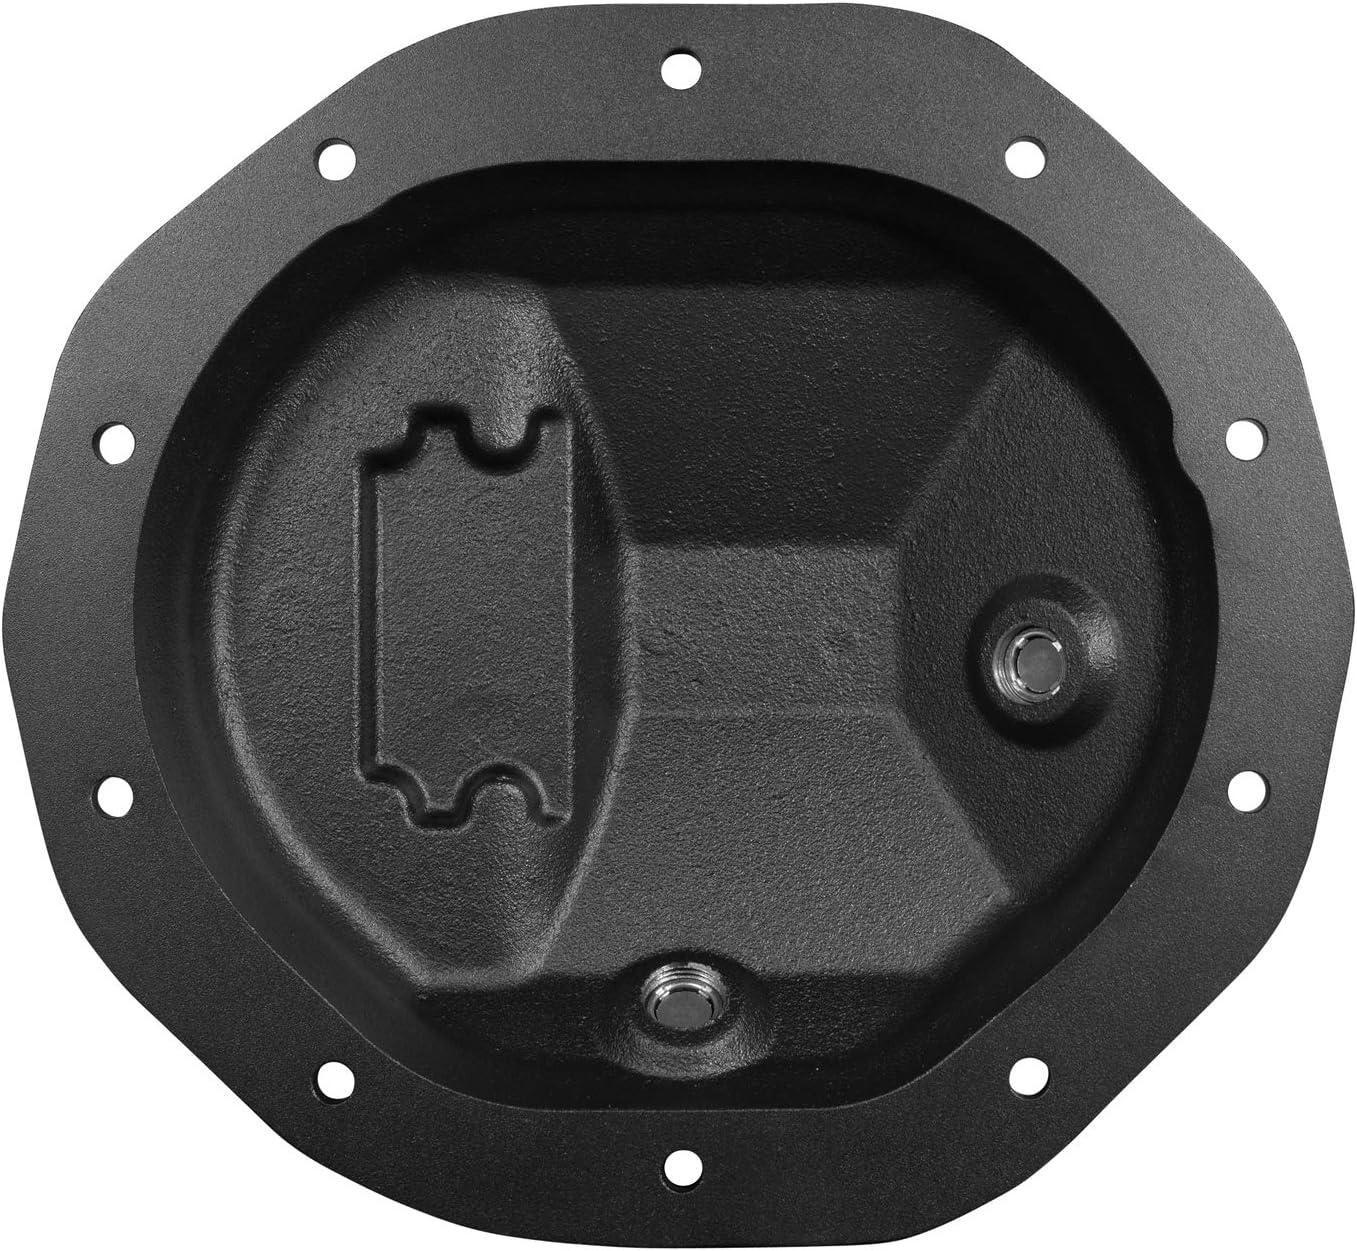 Yukon Gear /& Axle YHCC-GM8.5-M Nodular Iron Differential Cover